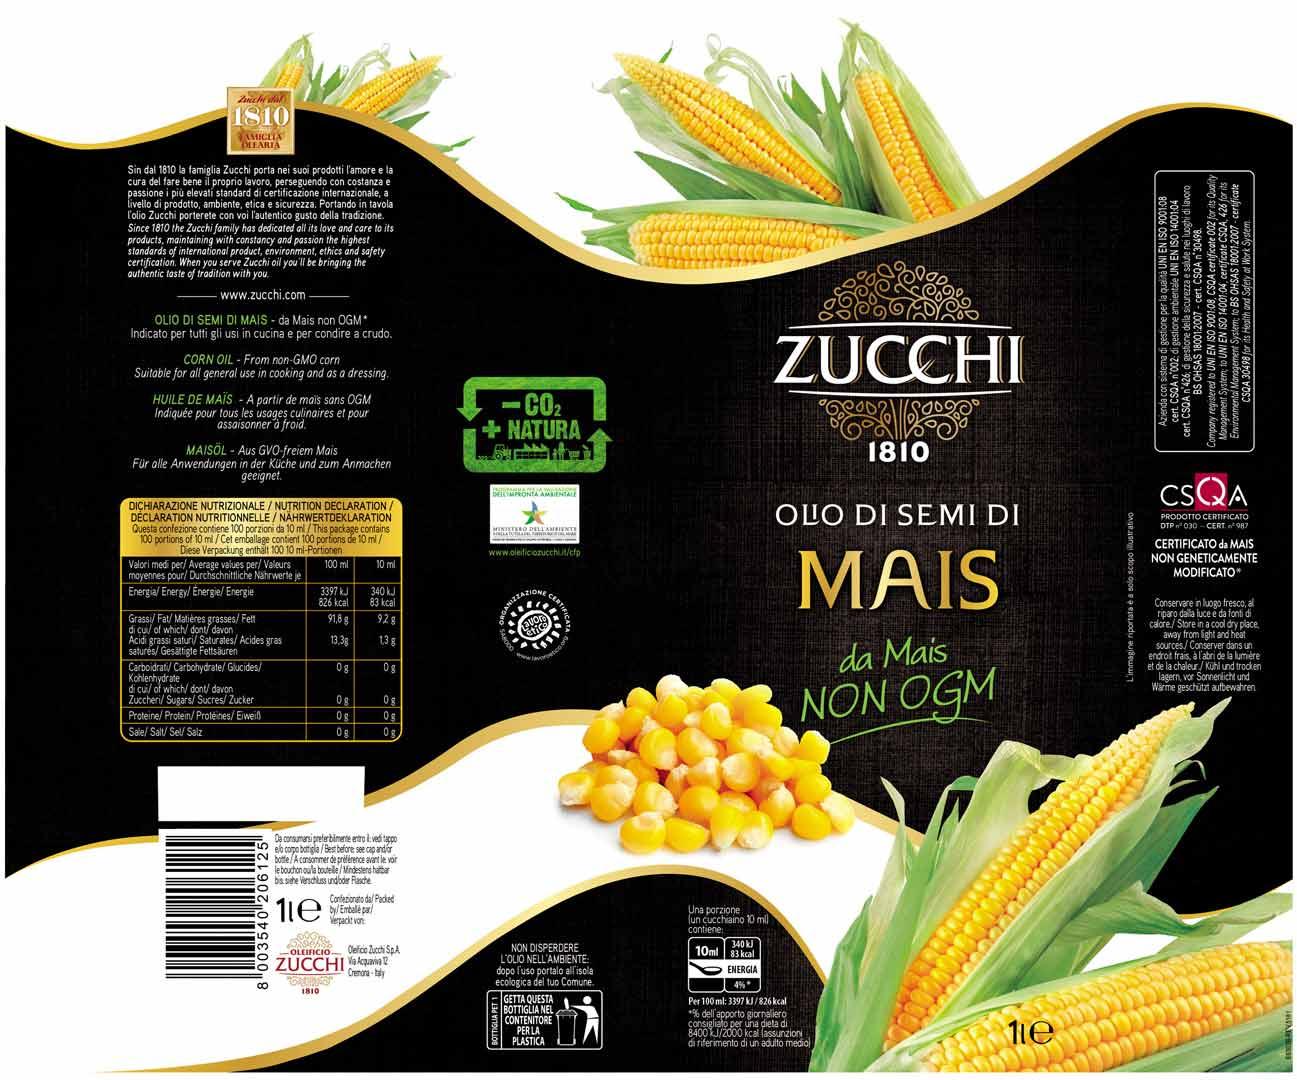 Zucchi Mais 1L sleeve EU